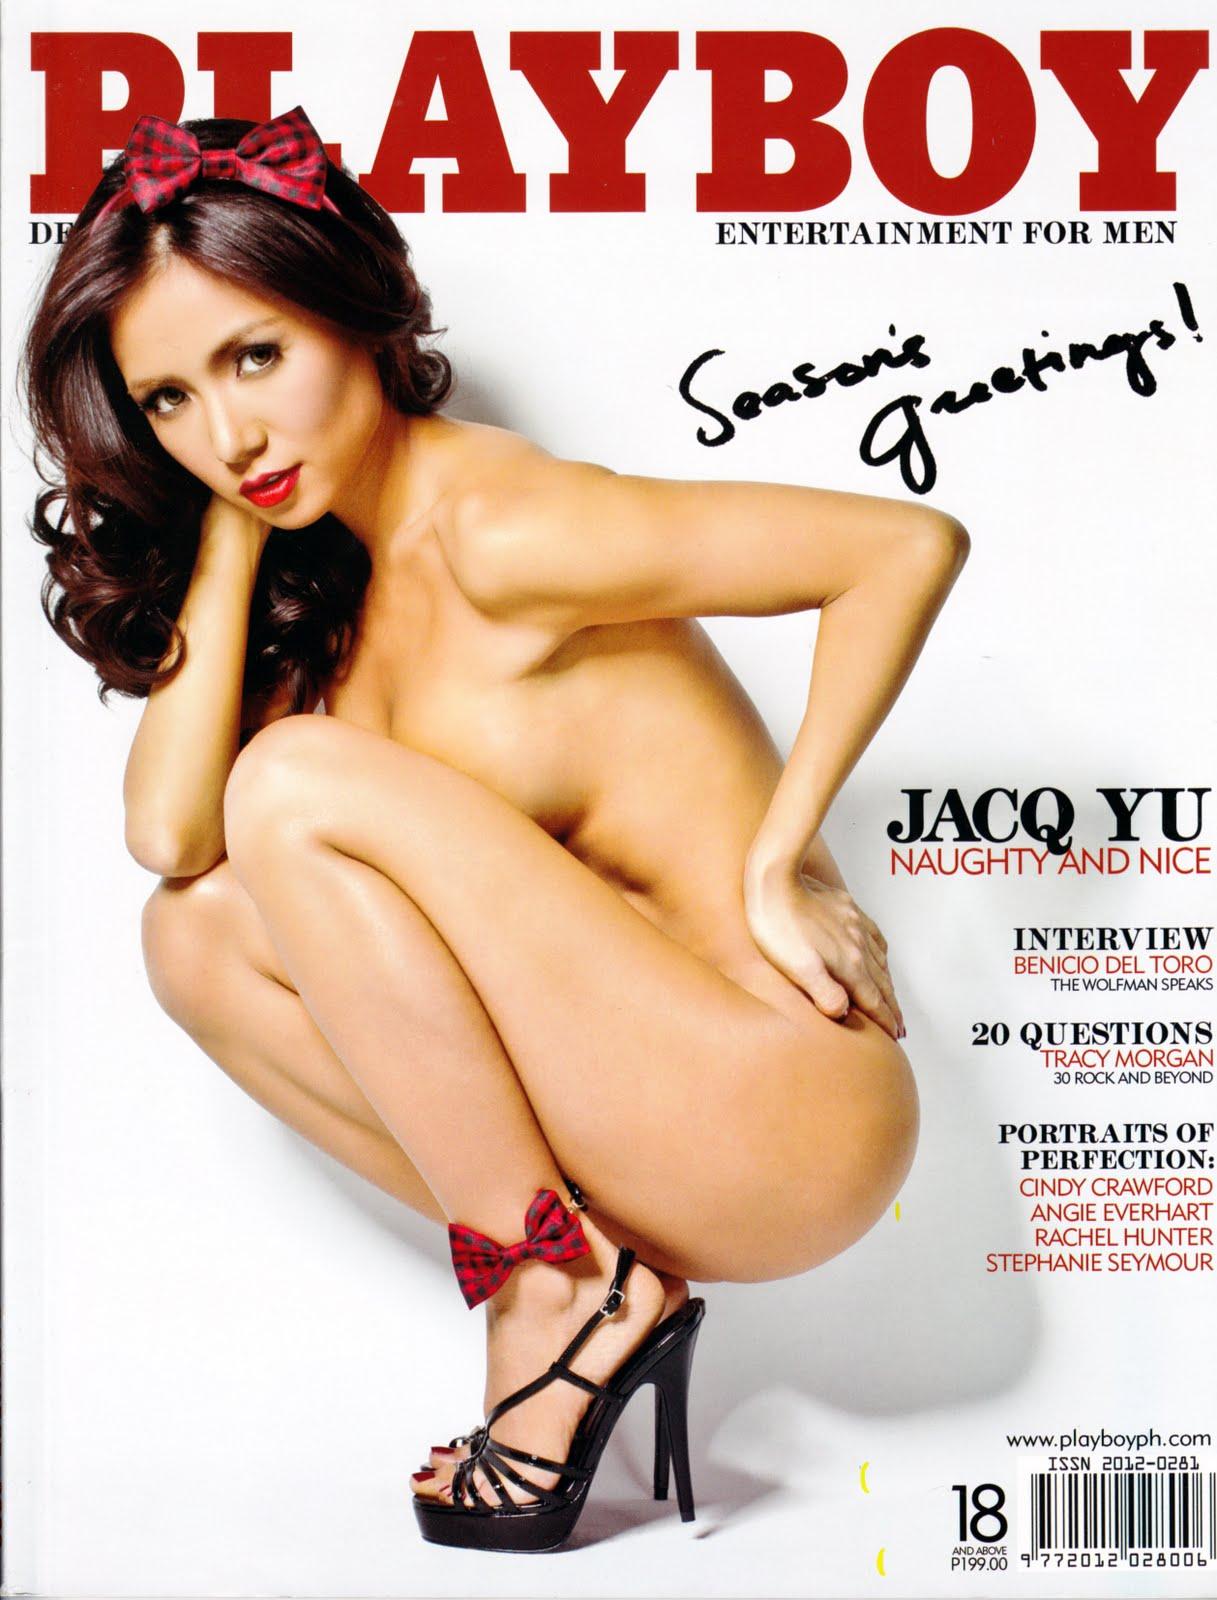 jacq yu sexy playboy cover